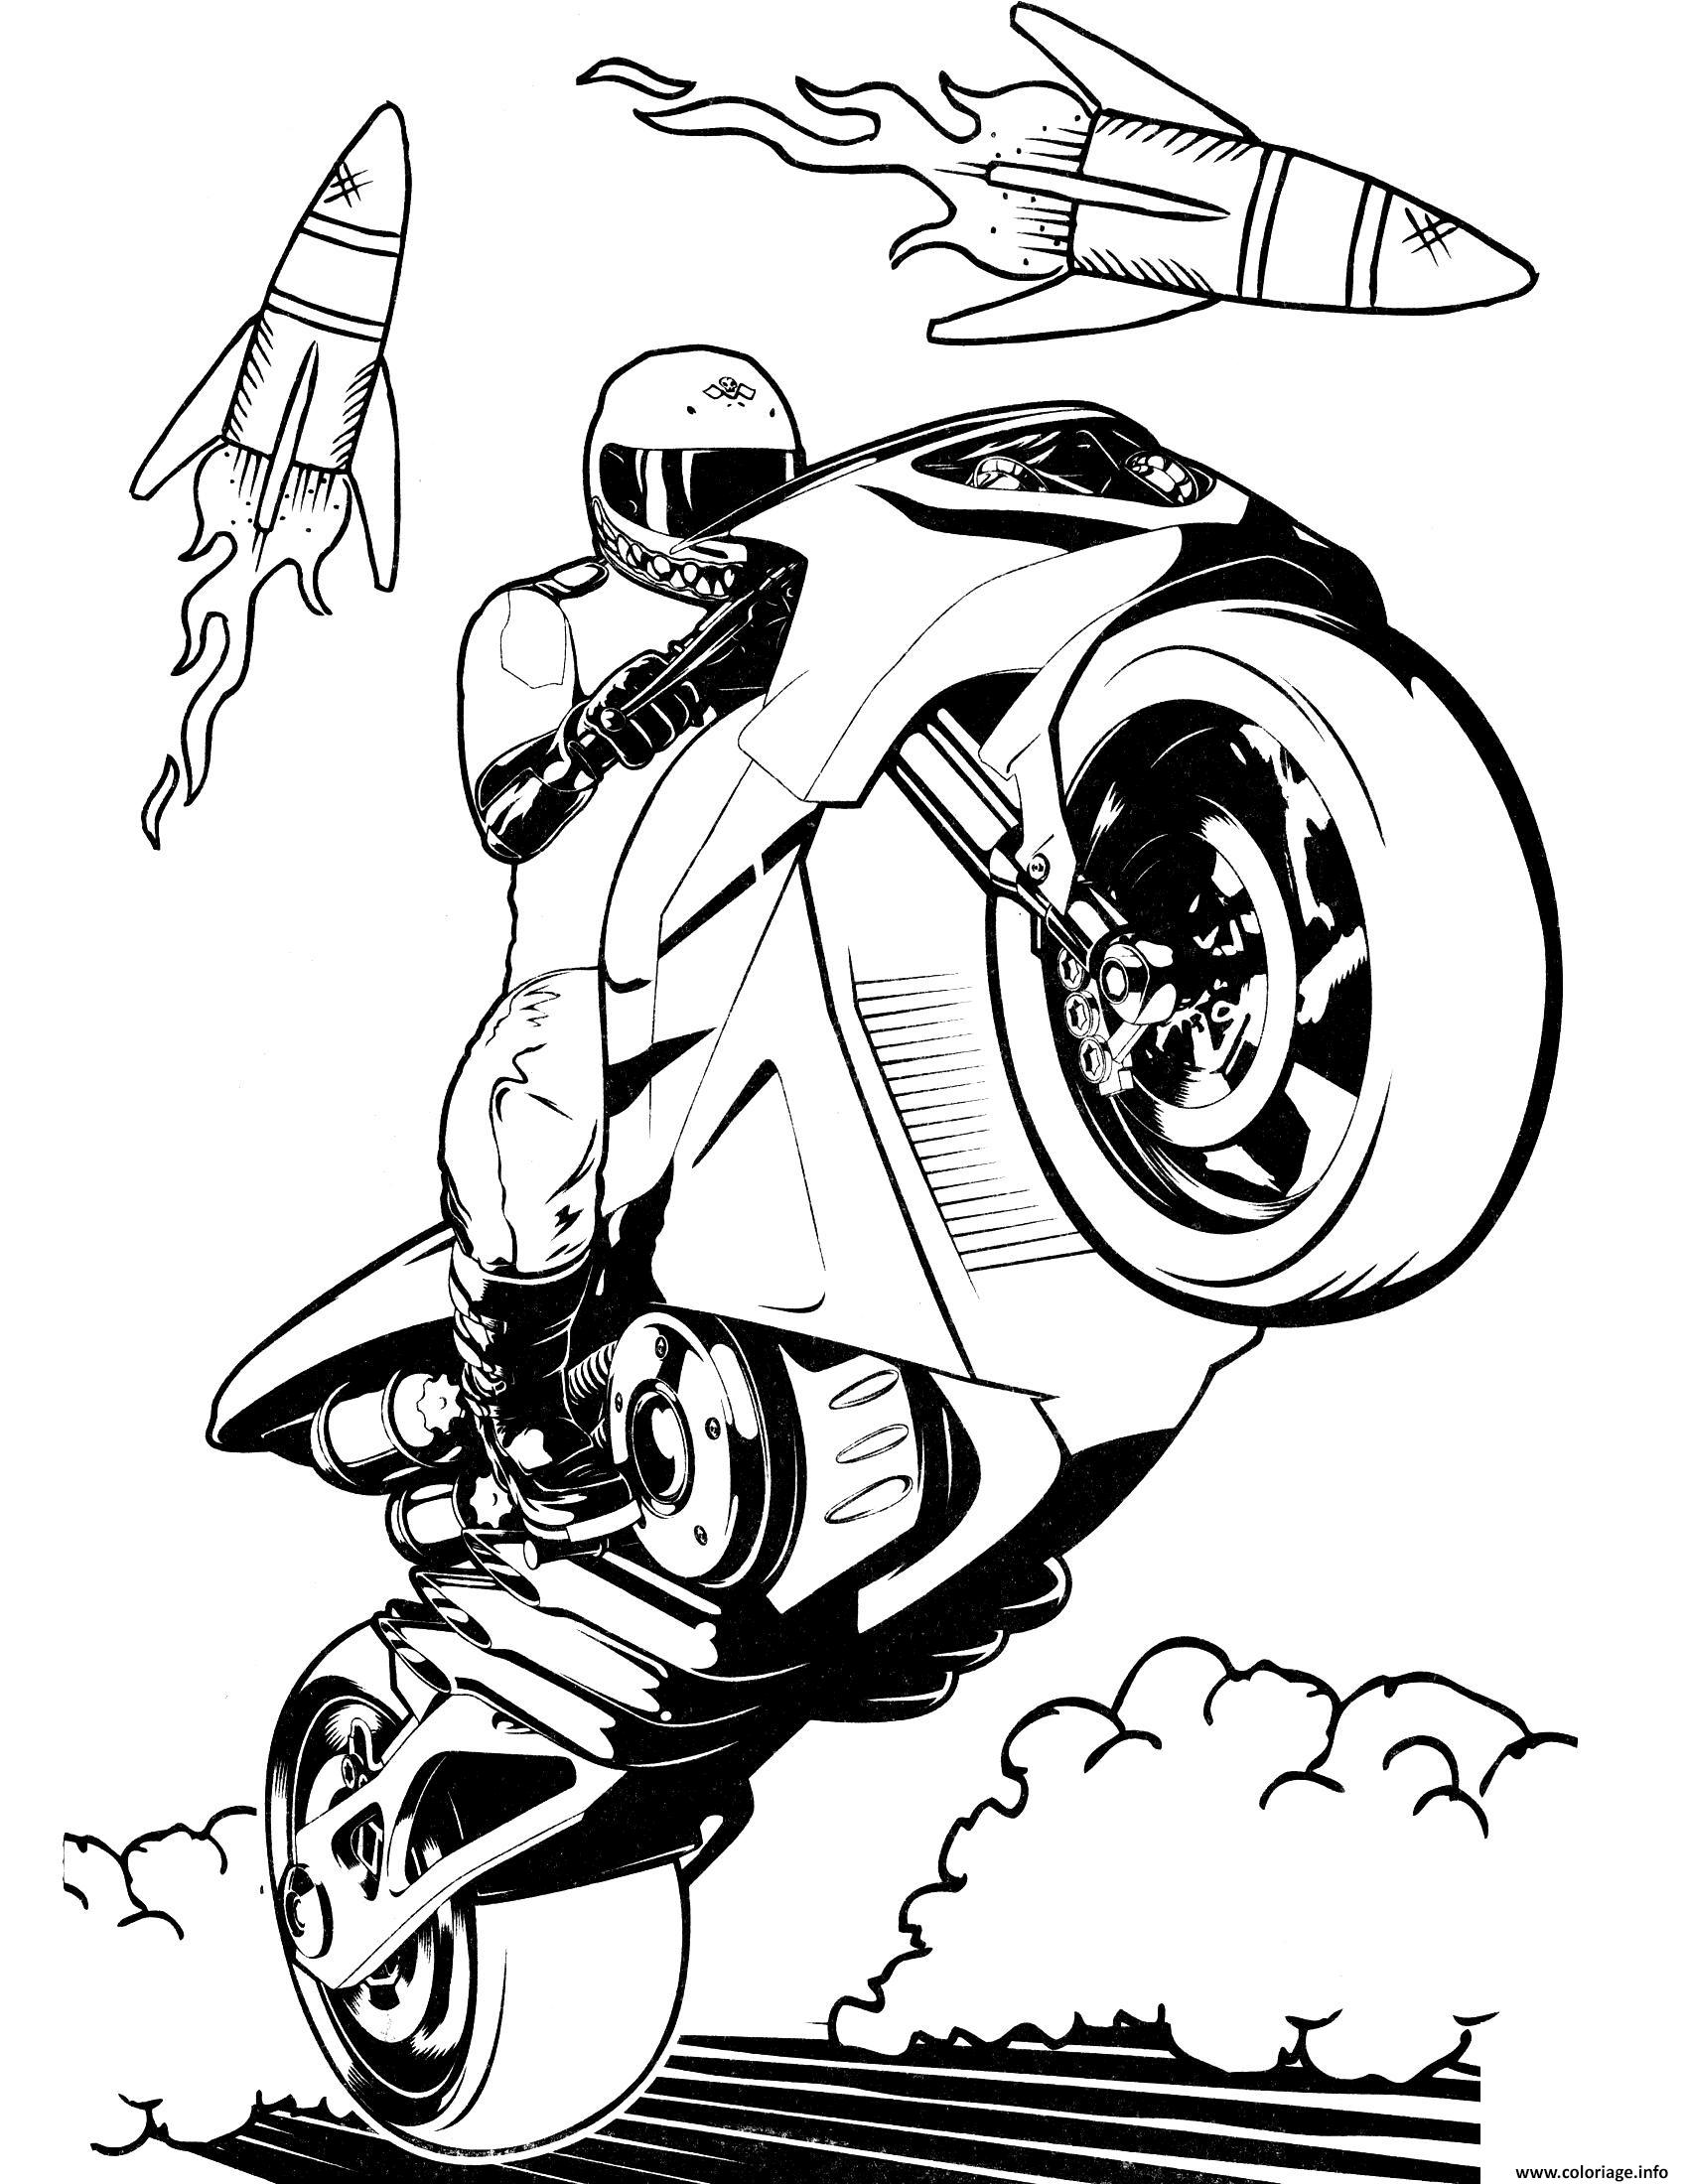 Dessin hot wheels motorcycle Coloriage Gratuit à Imprimer